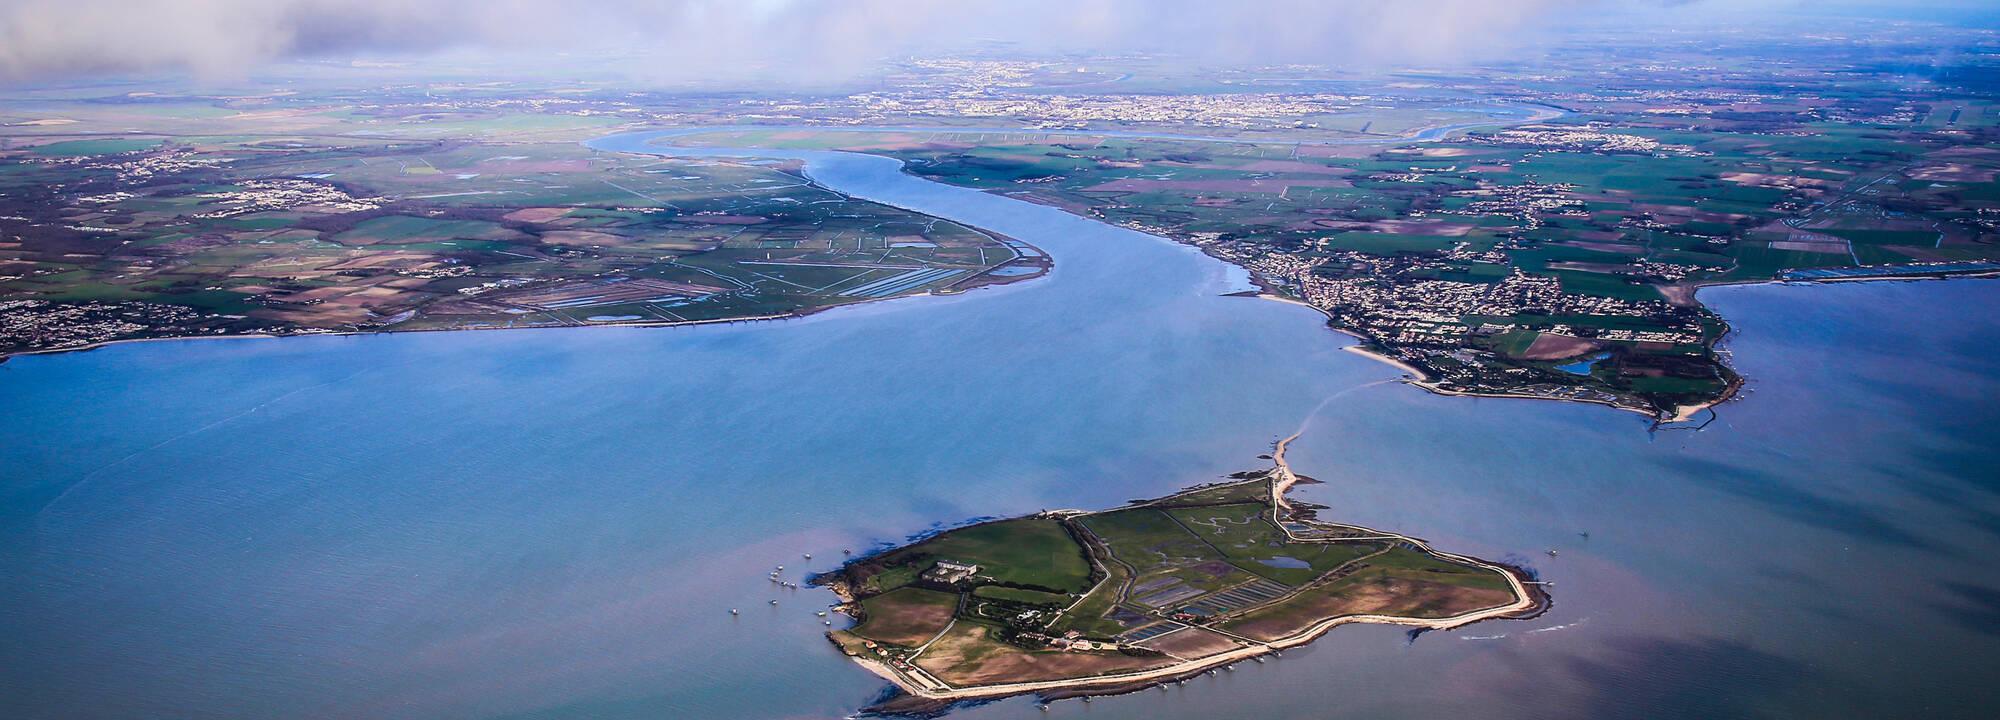 Calendrier Des Marees La Rochelle 2020.Horaires De Passage Ile Madame A Rochefort Ocean